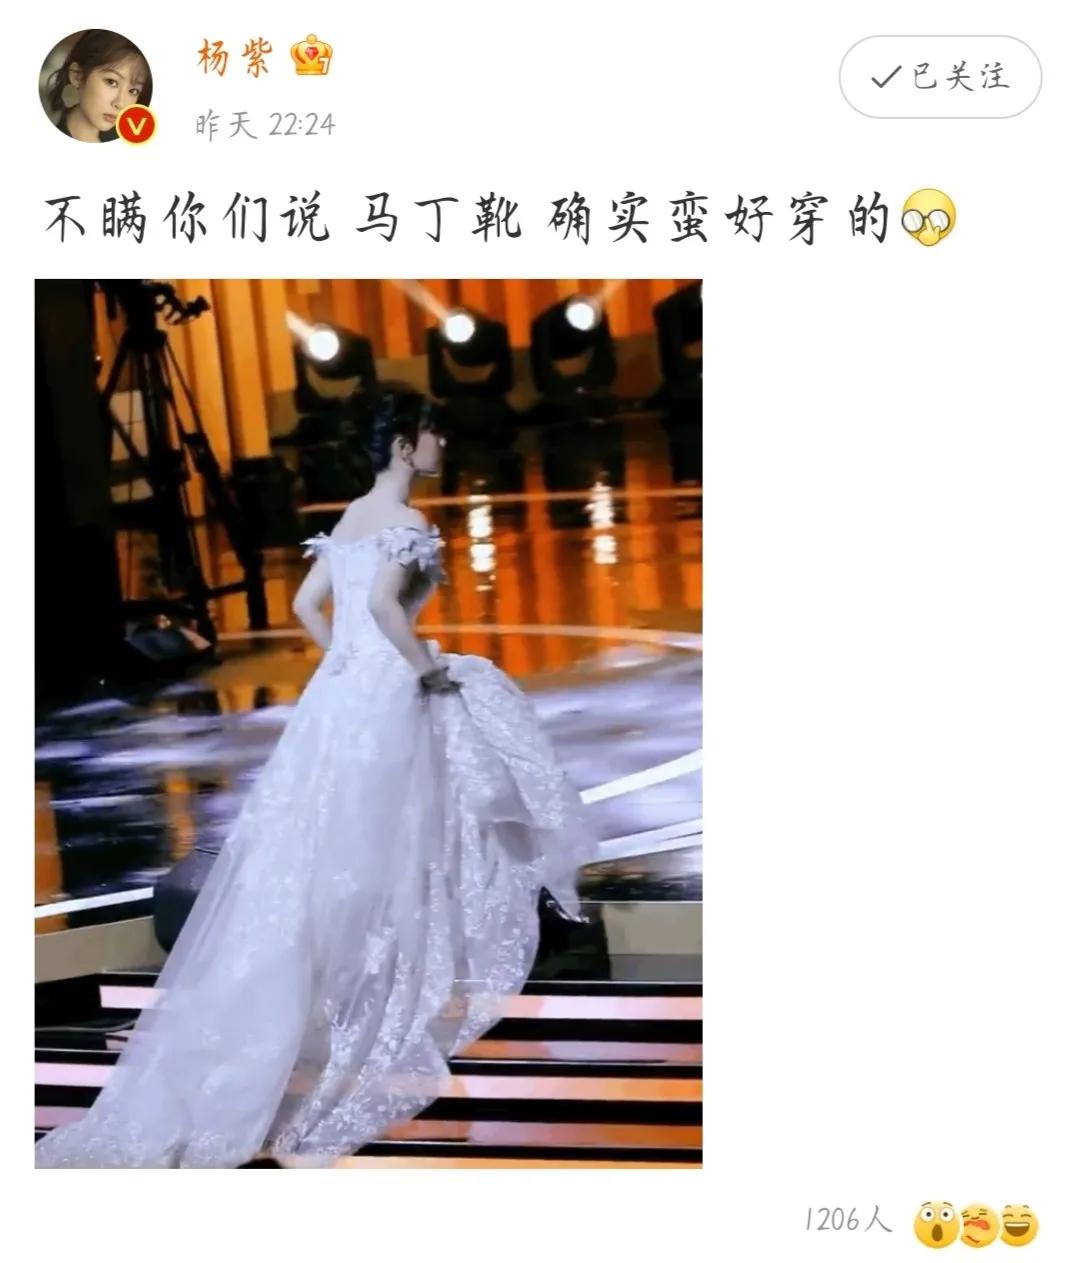 小八卦,朱一龙,杨紫,《青你》,秦岚王鹤棣,范冰冰